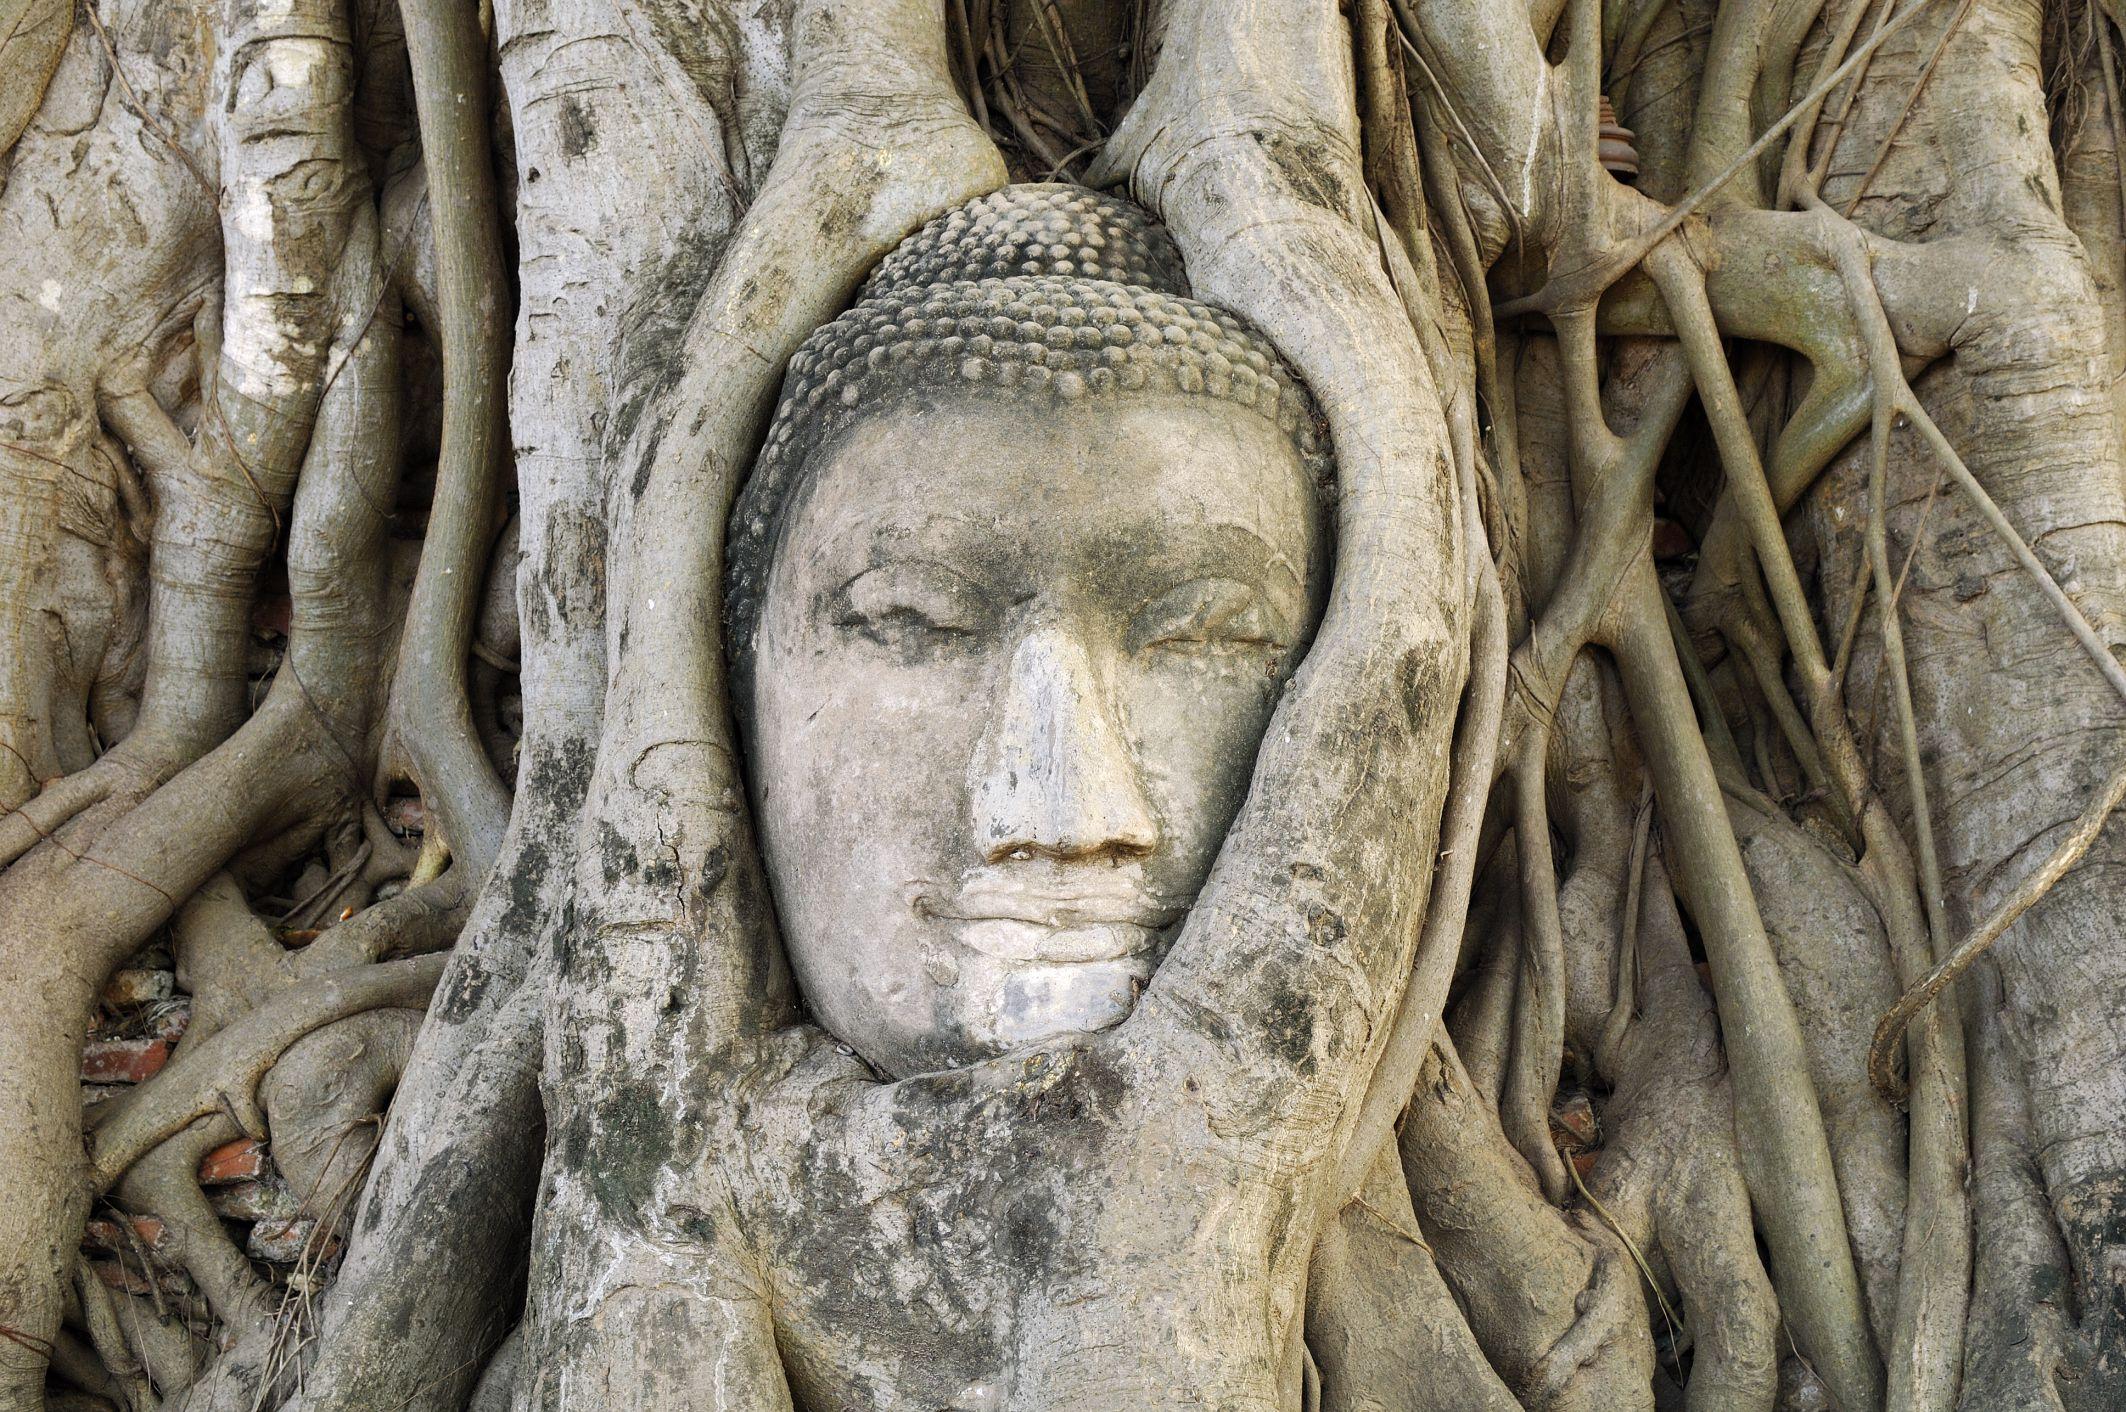 Ayutthaya Buddha Head closer